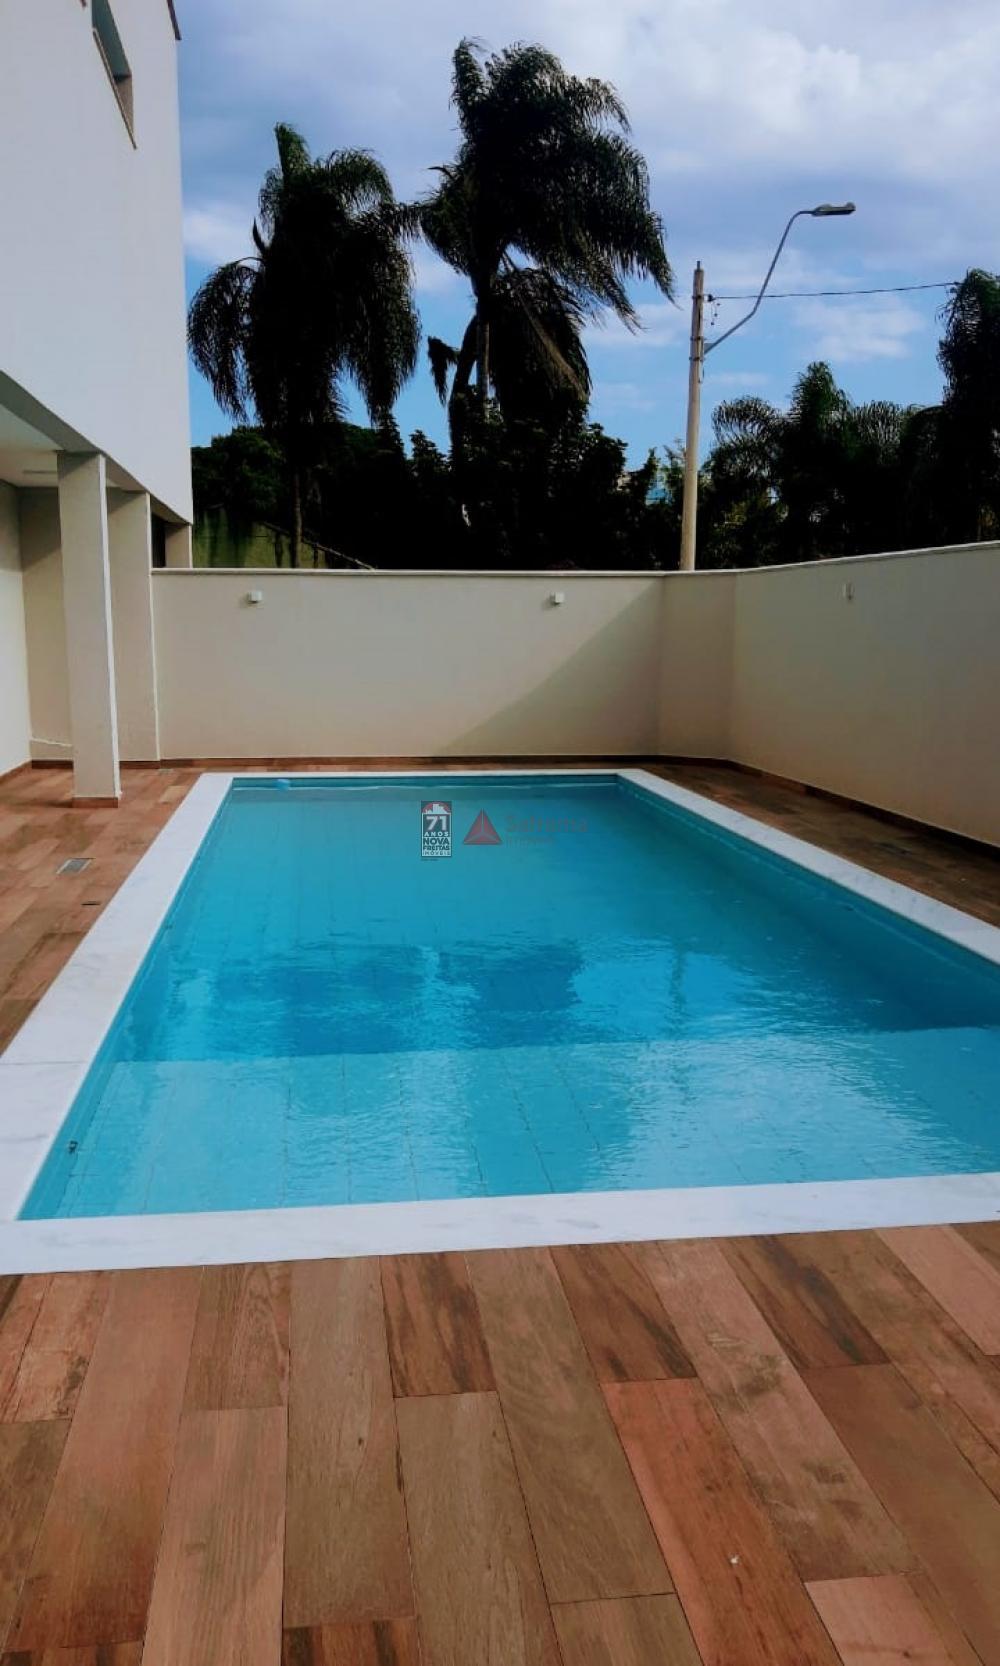 Alugar Apartamento / Padrão em Caraguatatuba R$ 2.200,00 - Foto 1